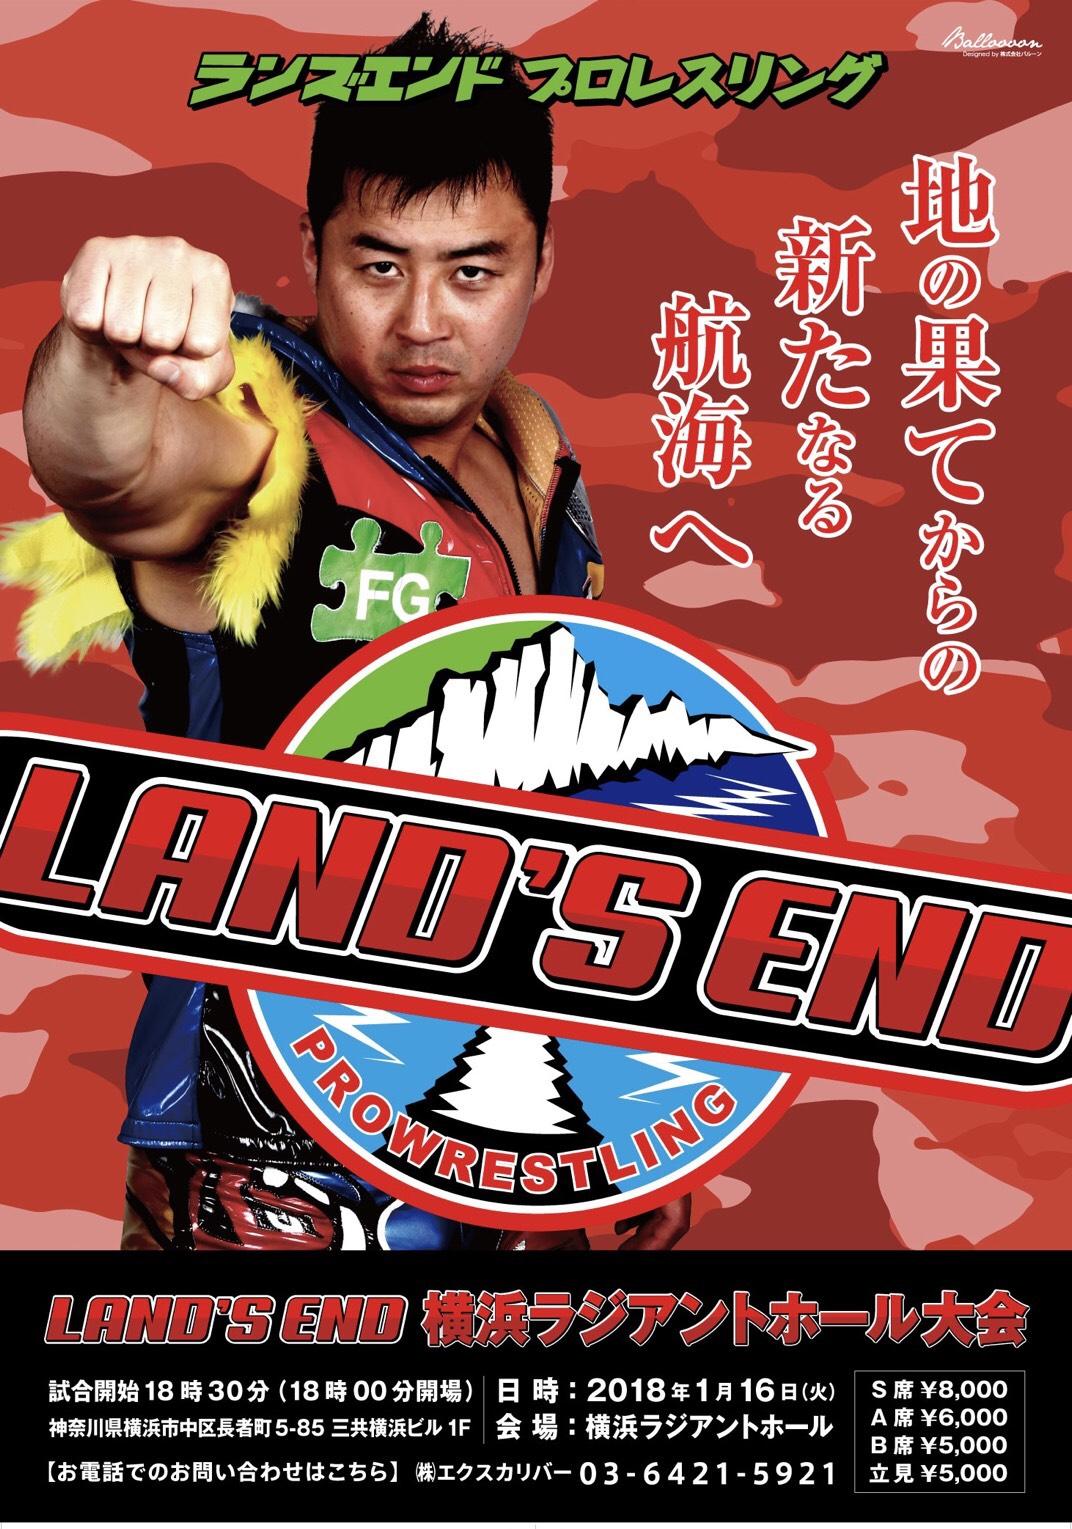 2018年1月16日(火) ランズエンド 横浜大会